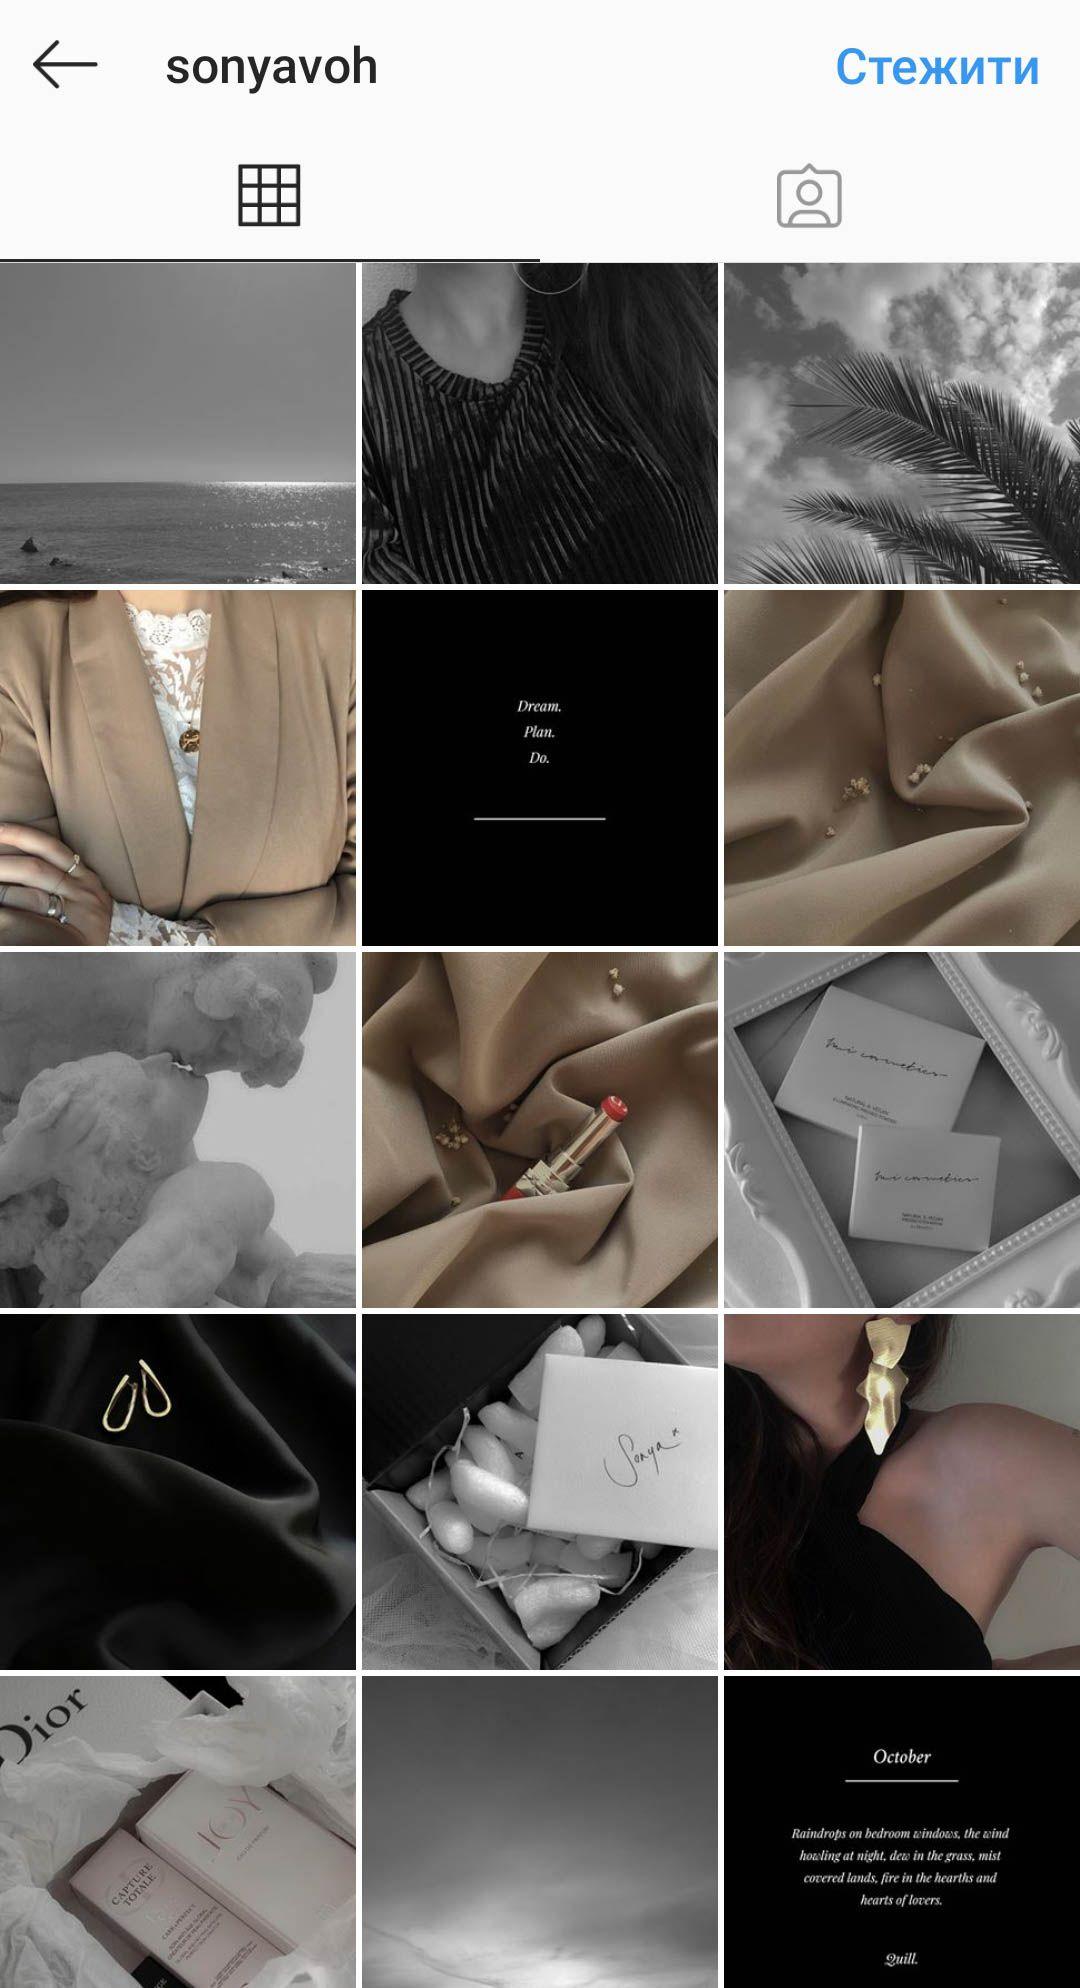 Pin Ot Polzovatelya Kalyn Na Doske Inst Insp V 2020 G Instagram Modnye Makety Dizajn Lentami